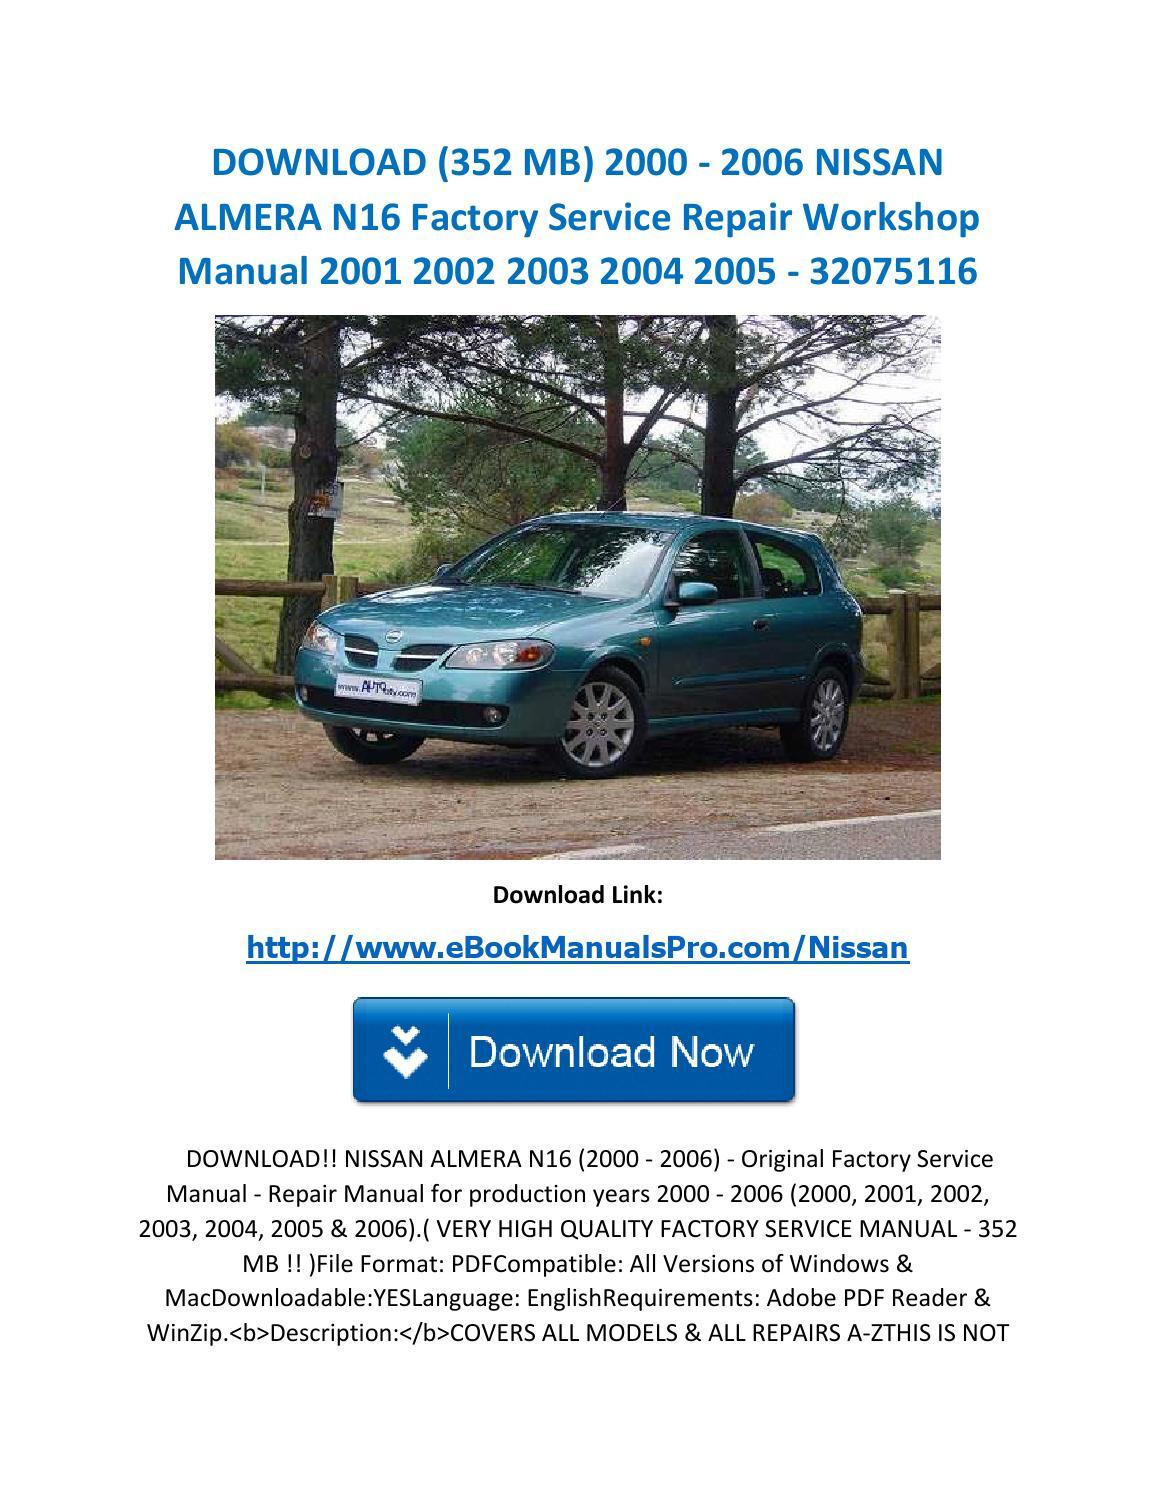 Download (352 mb) 2000 2006 nissan almera n16 factory service repair  workshop manual 2001 2002 2003 by karl casino - issuu